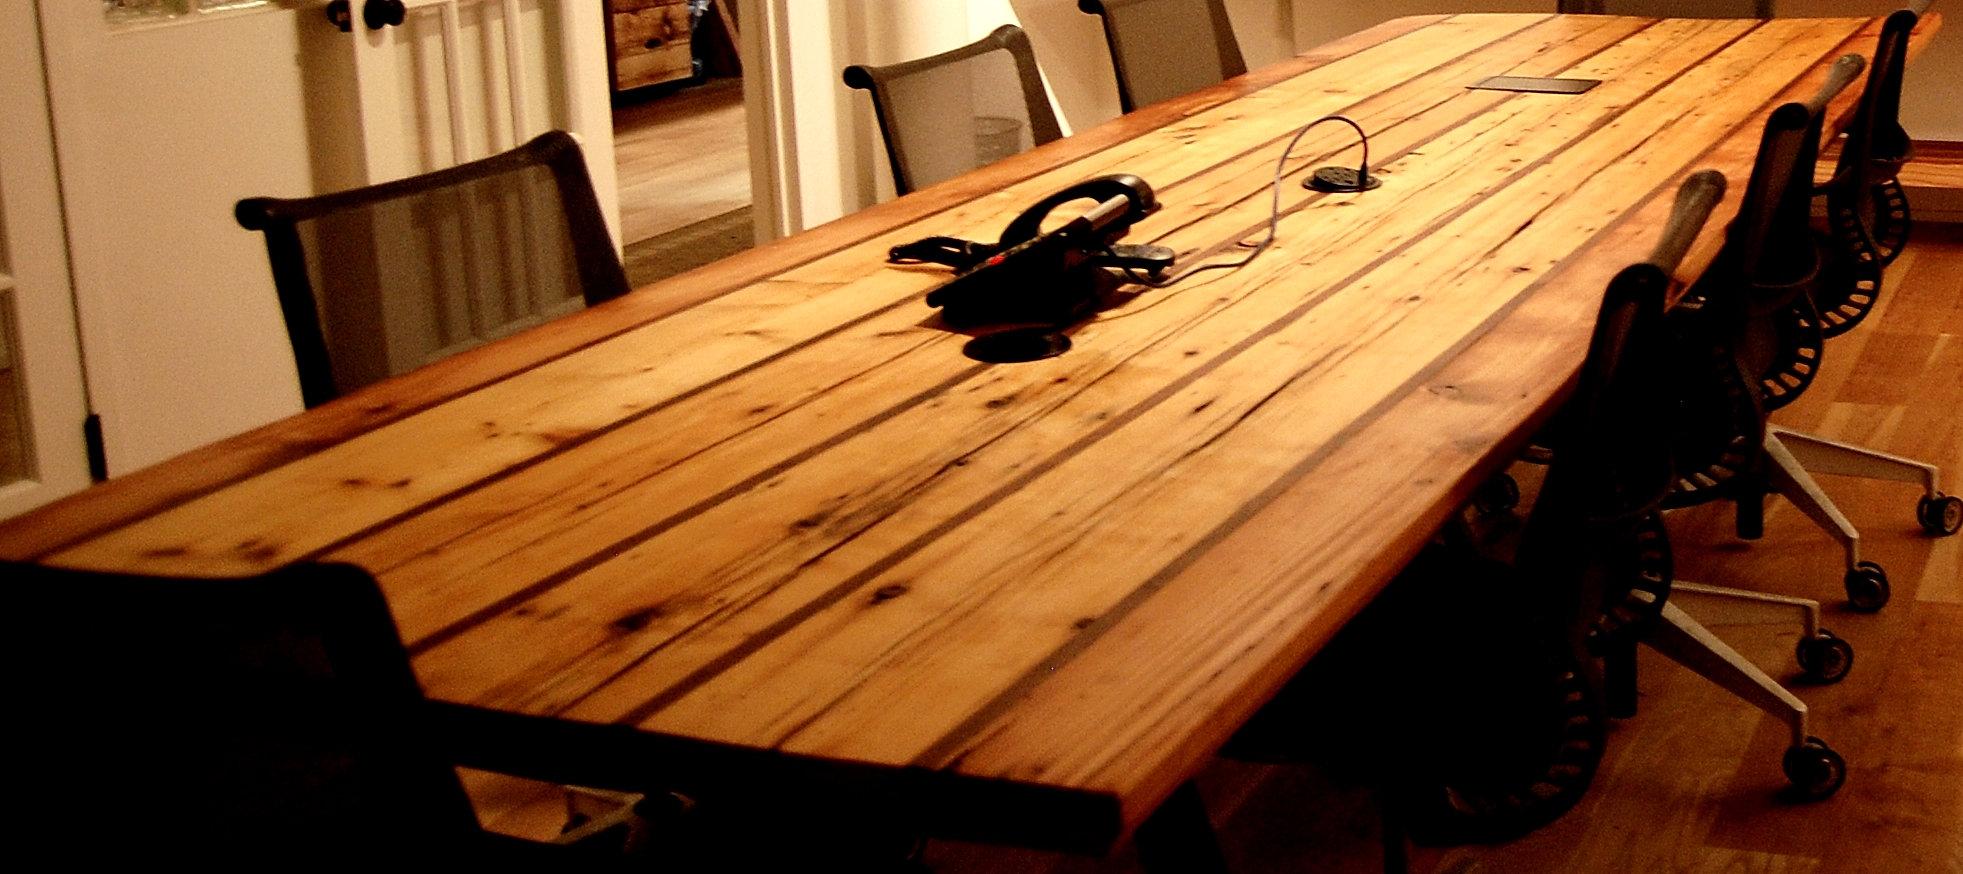 Modern Reclaimed Wood Furniture modern reclaimed wood furniture | modern reclaimed wood furniture